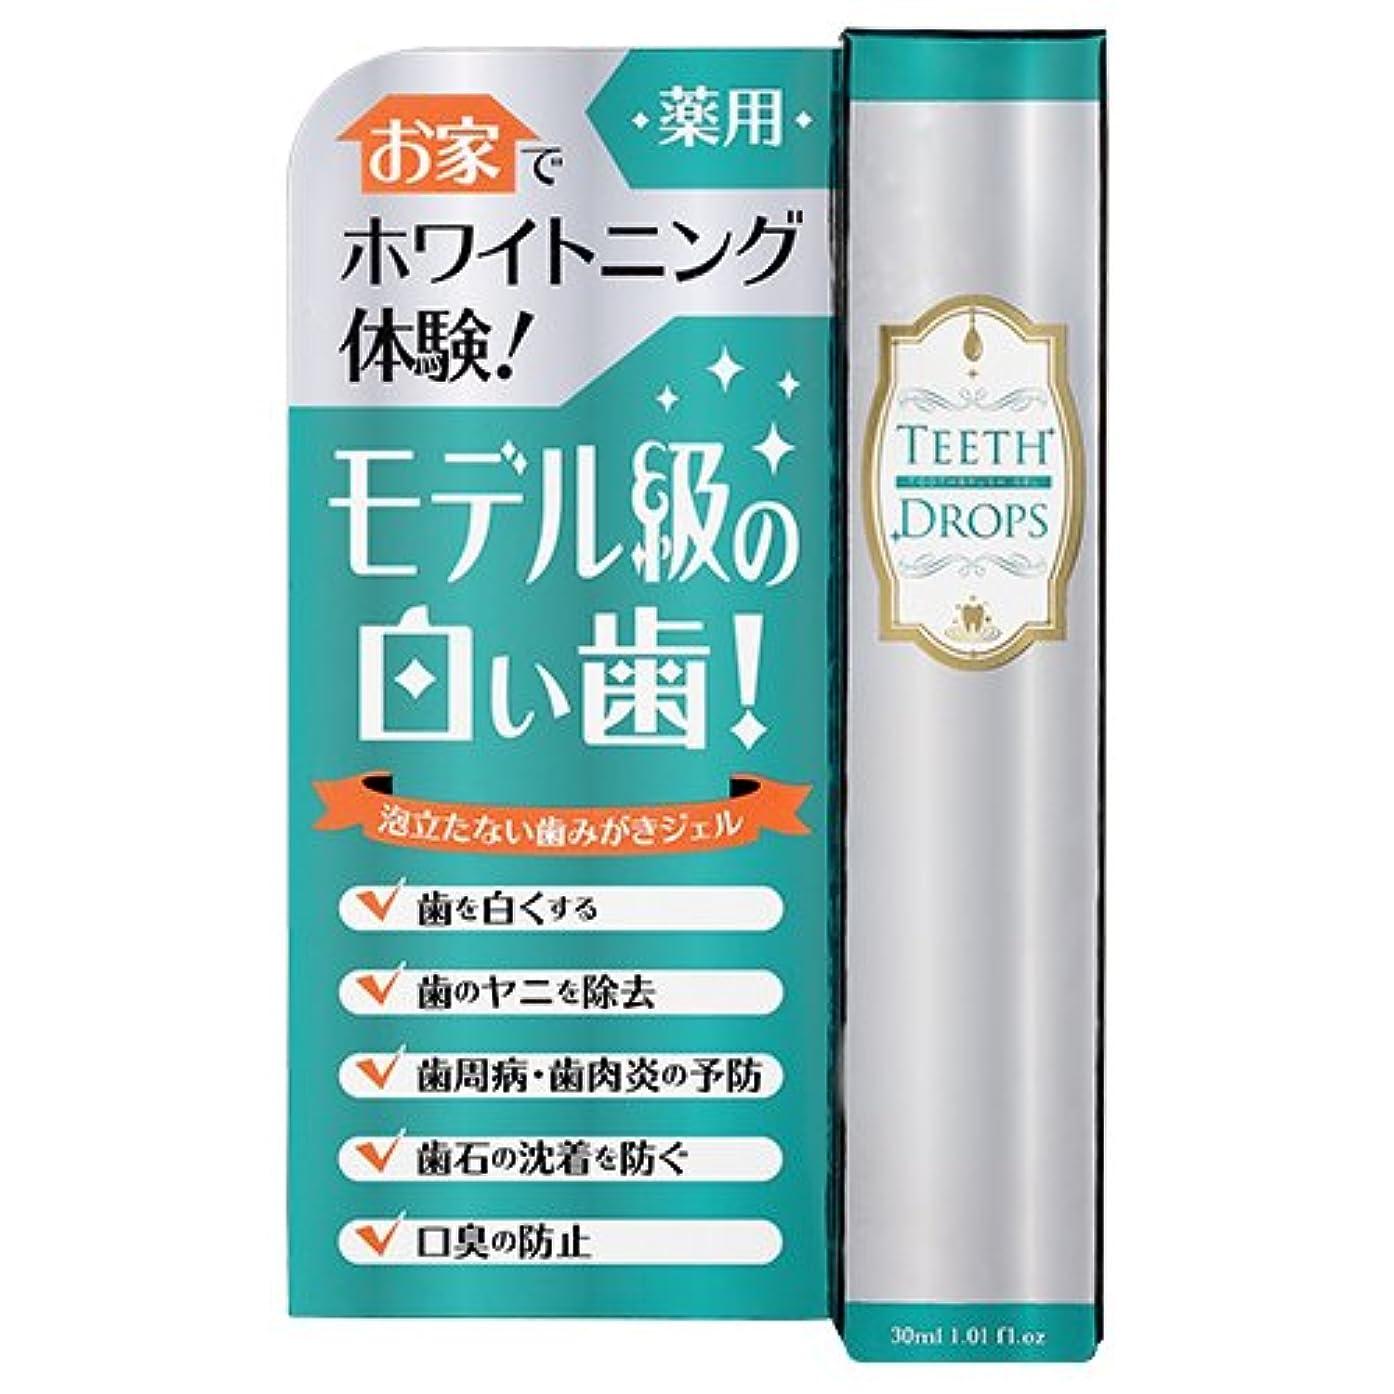 変成器アイザック熟すティースドロップ(薬用歯磨き)